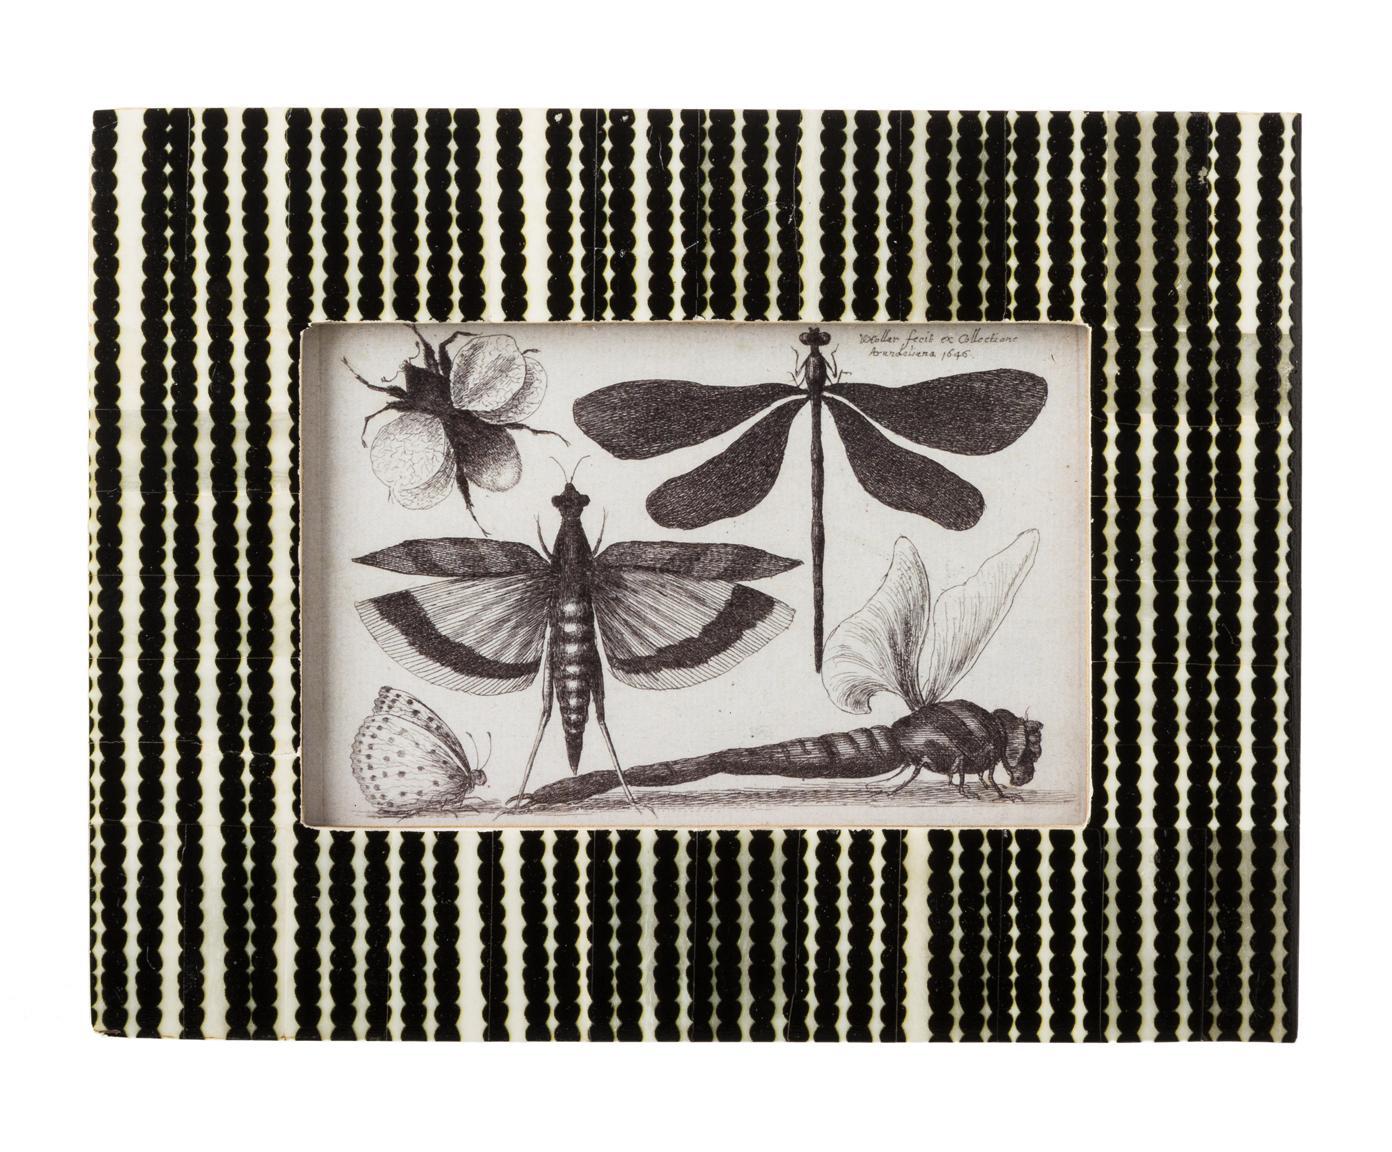 Fotolijst Babbit, Lijst: buffelbot, Zwart, wit, 10 x 15 cm